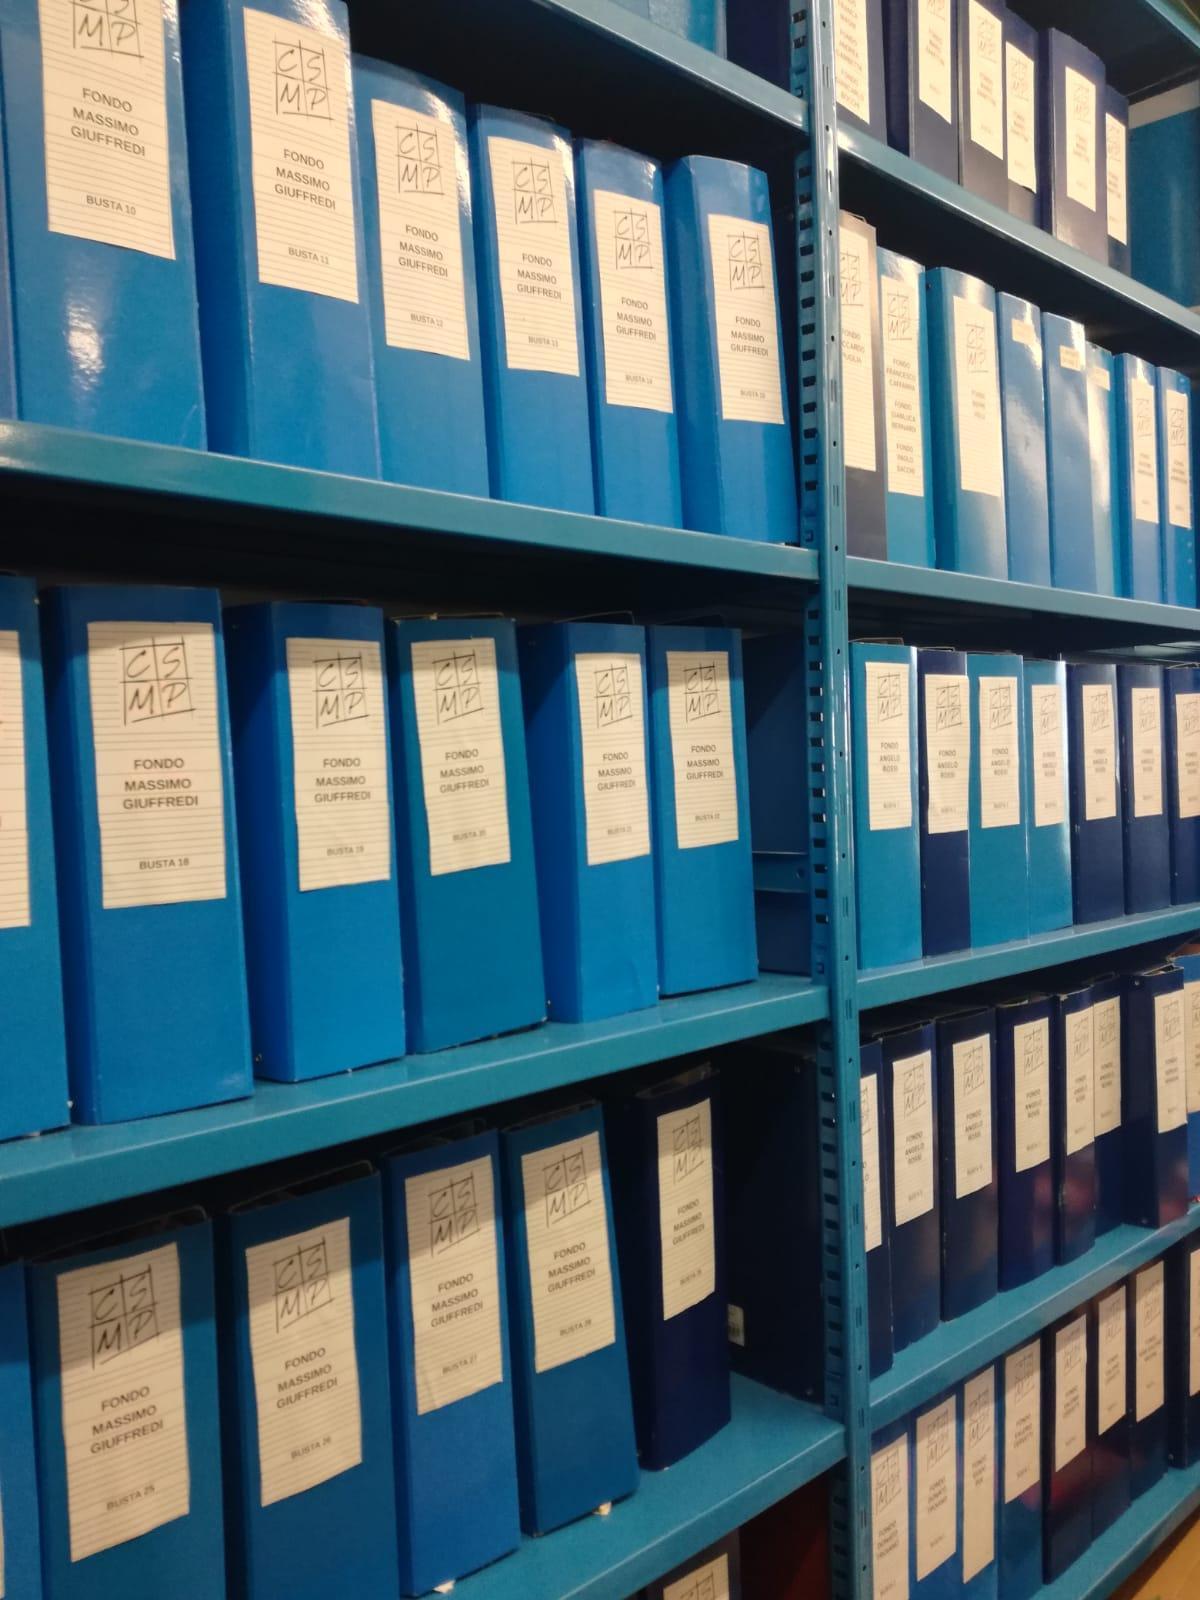 Disponibile una prima guida ai fondi dell'Archivio del Centro studi movimenti